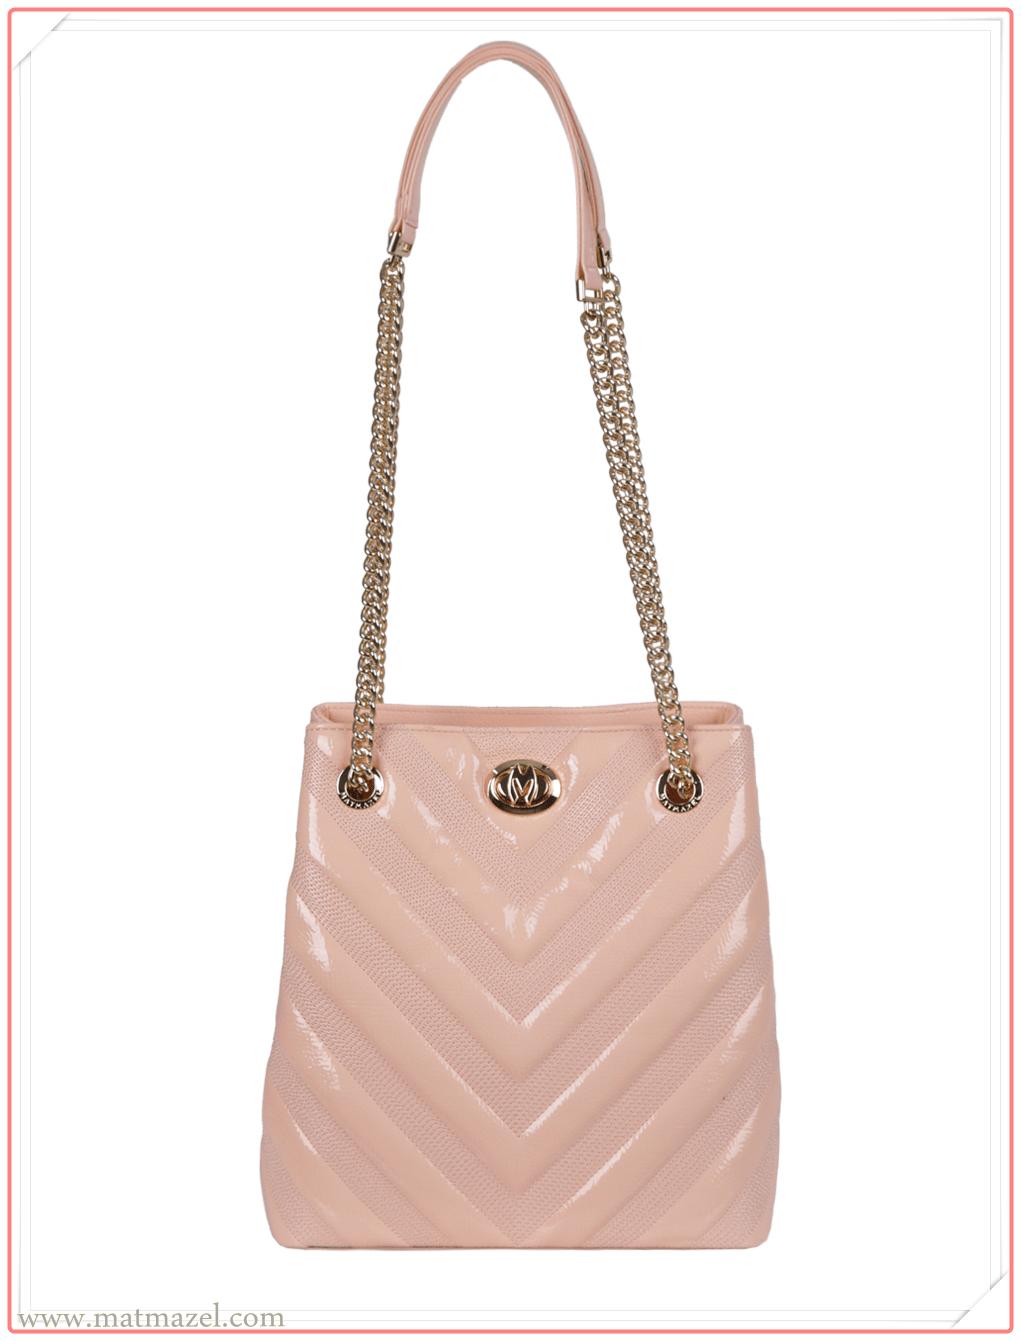 matmazel çanta,2021 kadın çanta modelleri,kadın omuz ve el çantaları 2021,